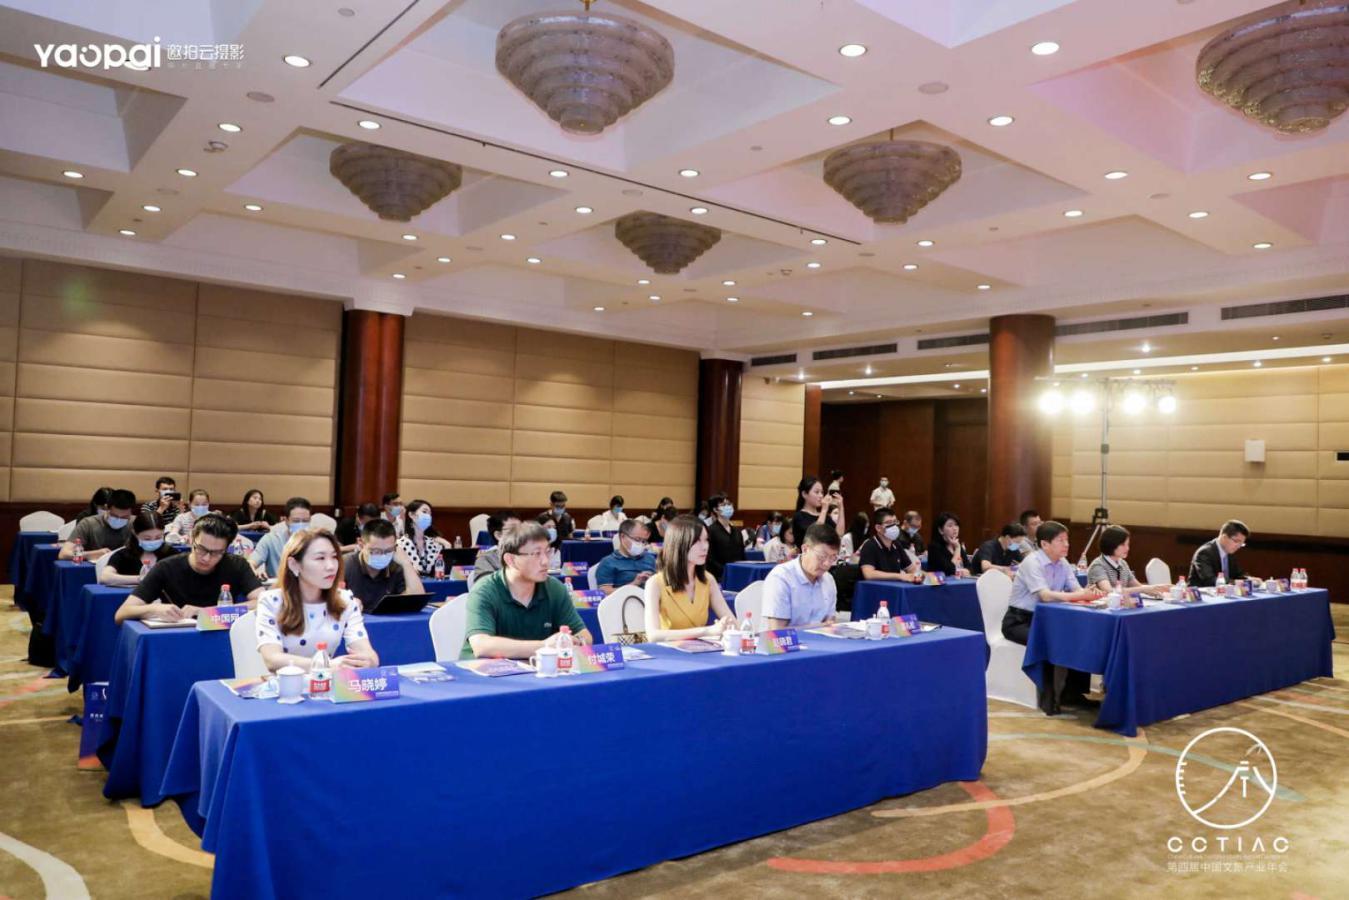 第四届中国文旅产业年会将于7月29-31日在威海举办